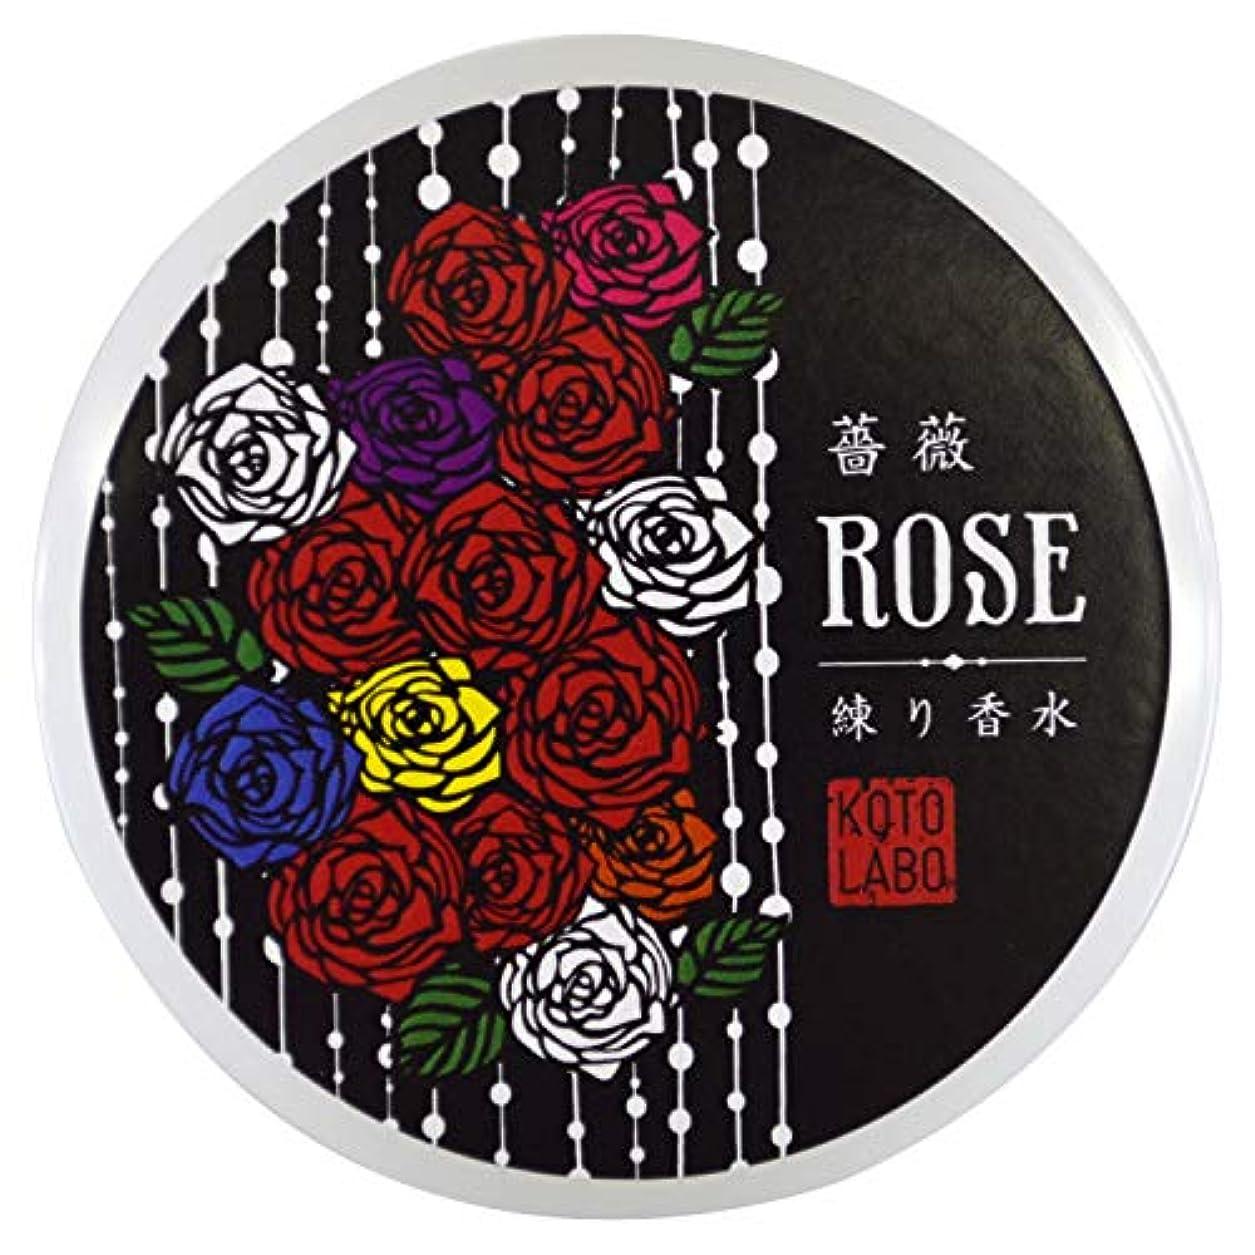 使い込むブレンド明るくするコトラボ 練り香水 8g 薔薇